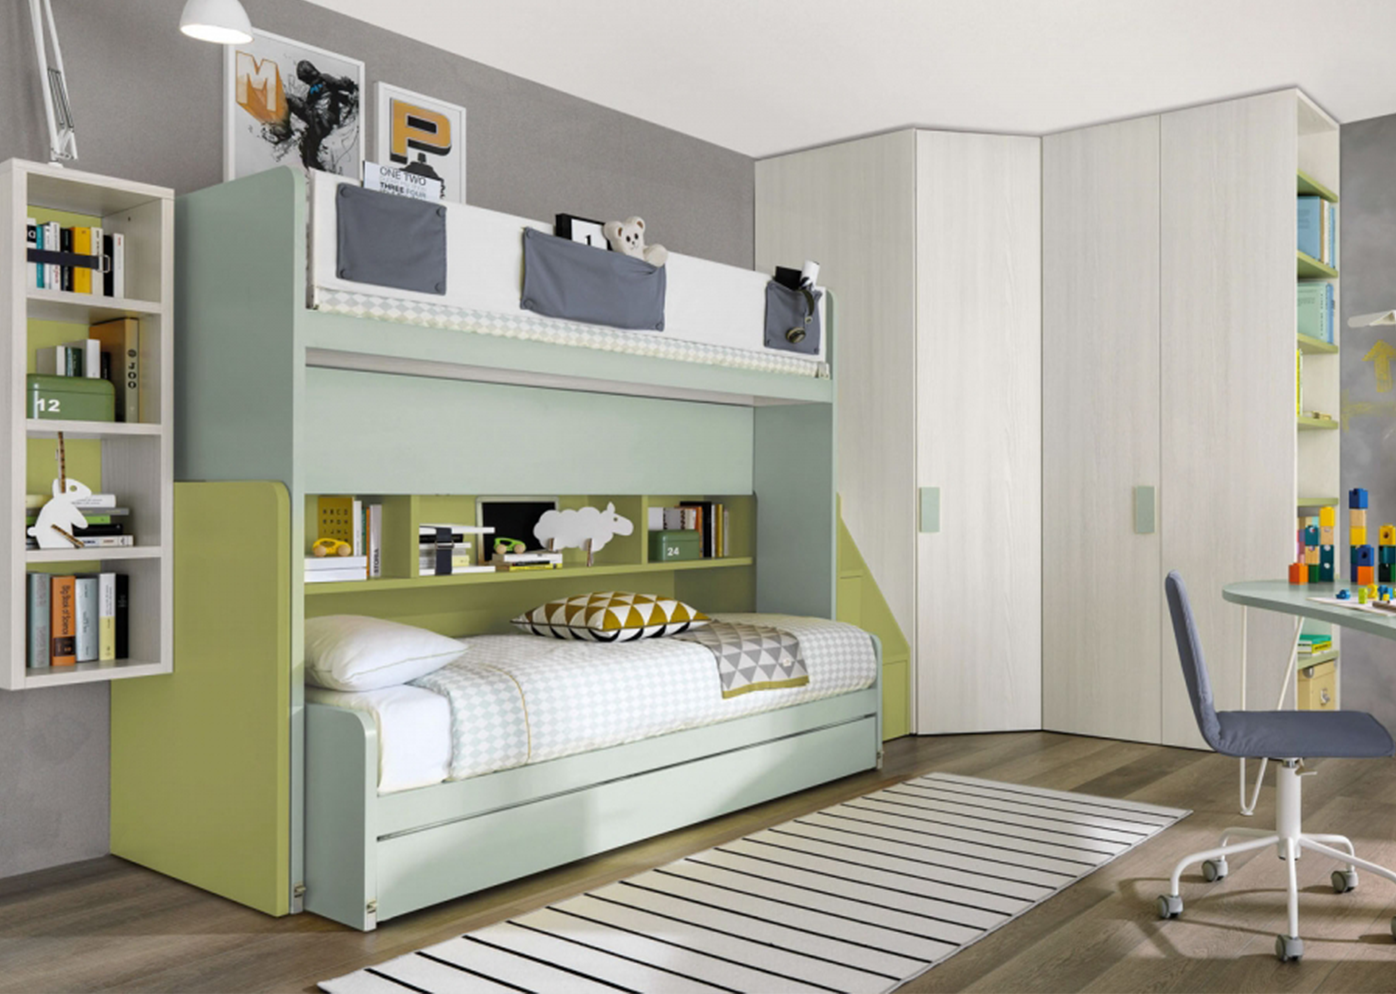 camerette zalf lissone habitat casa arredamento e mobili